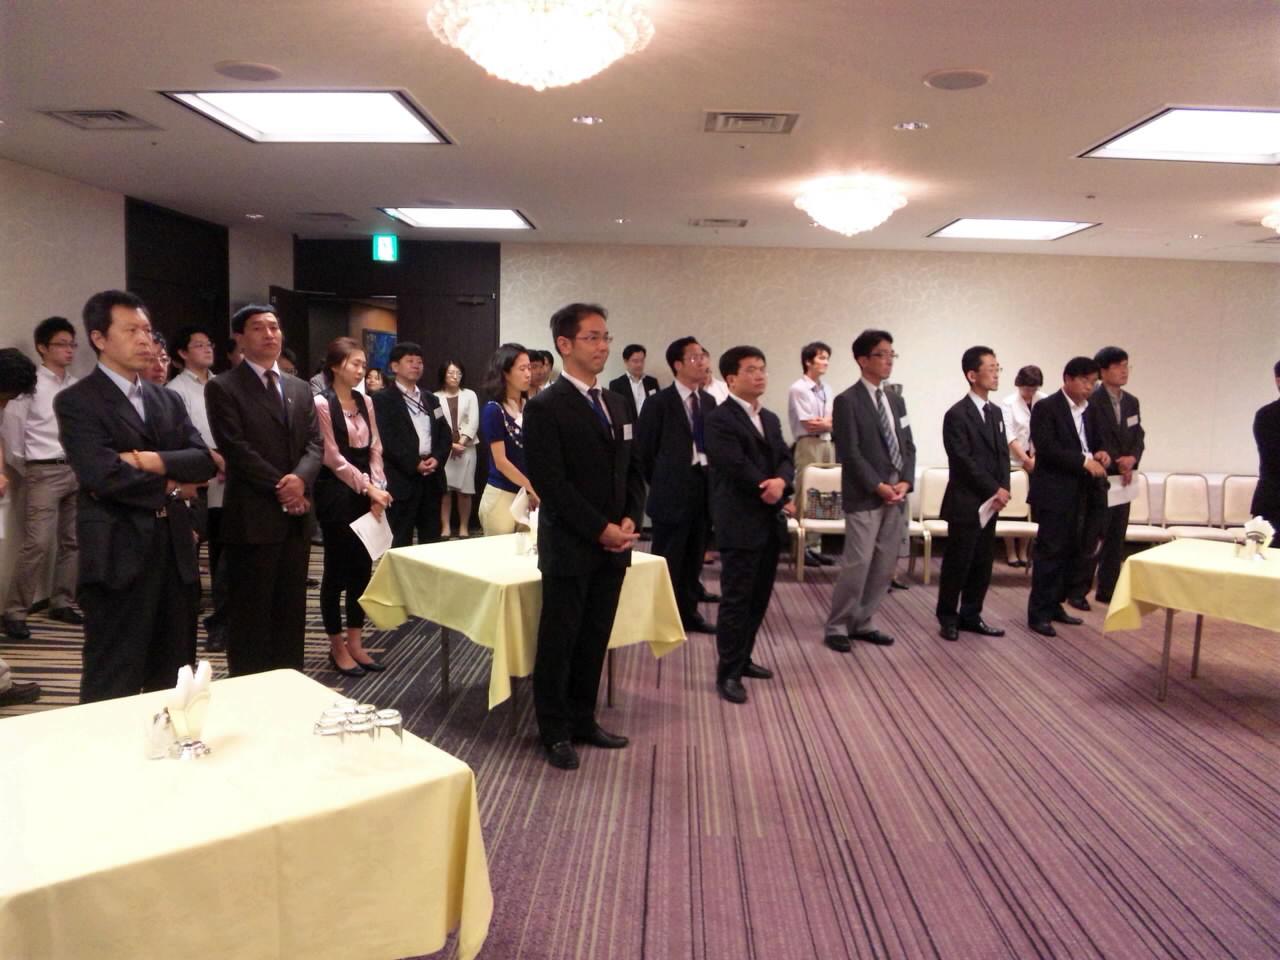 東京で開催された歓迎会その三_d0027795_18583015.jpg